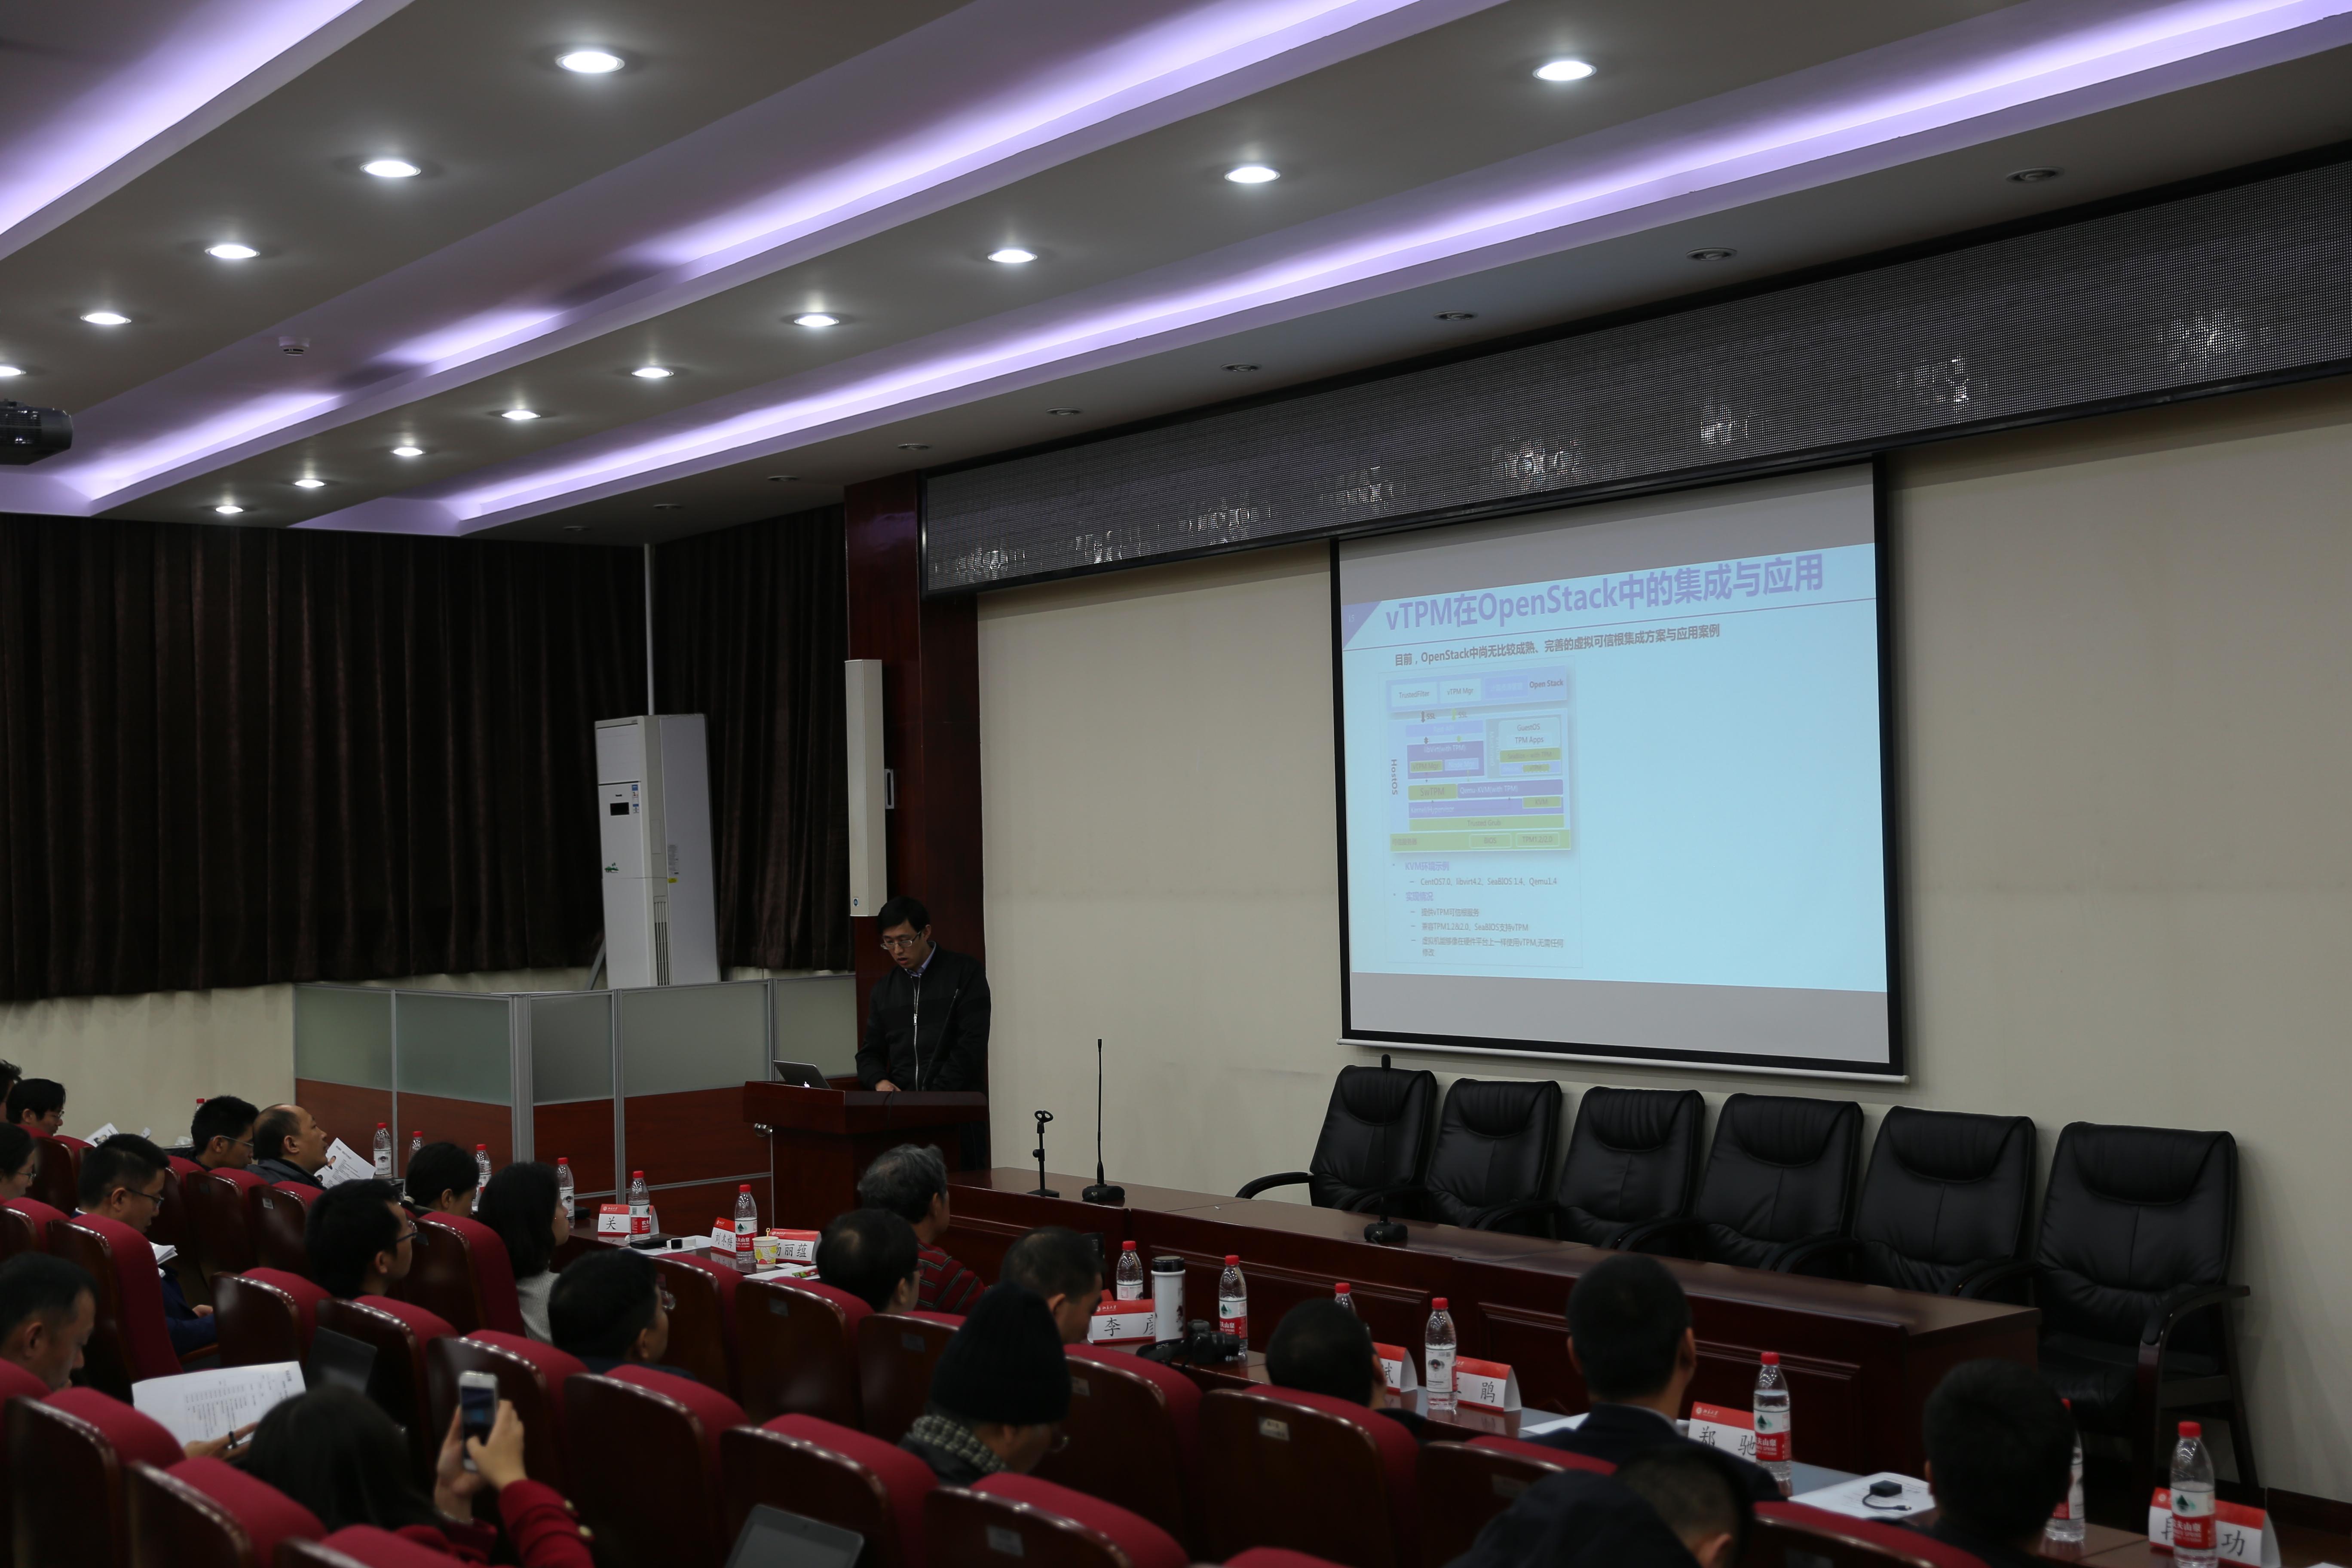 浪潮高级工程师吴保锡作主题为《虚拟可信根及其在 OpenStack 中的应用》的报告